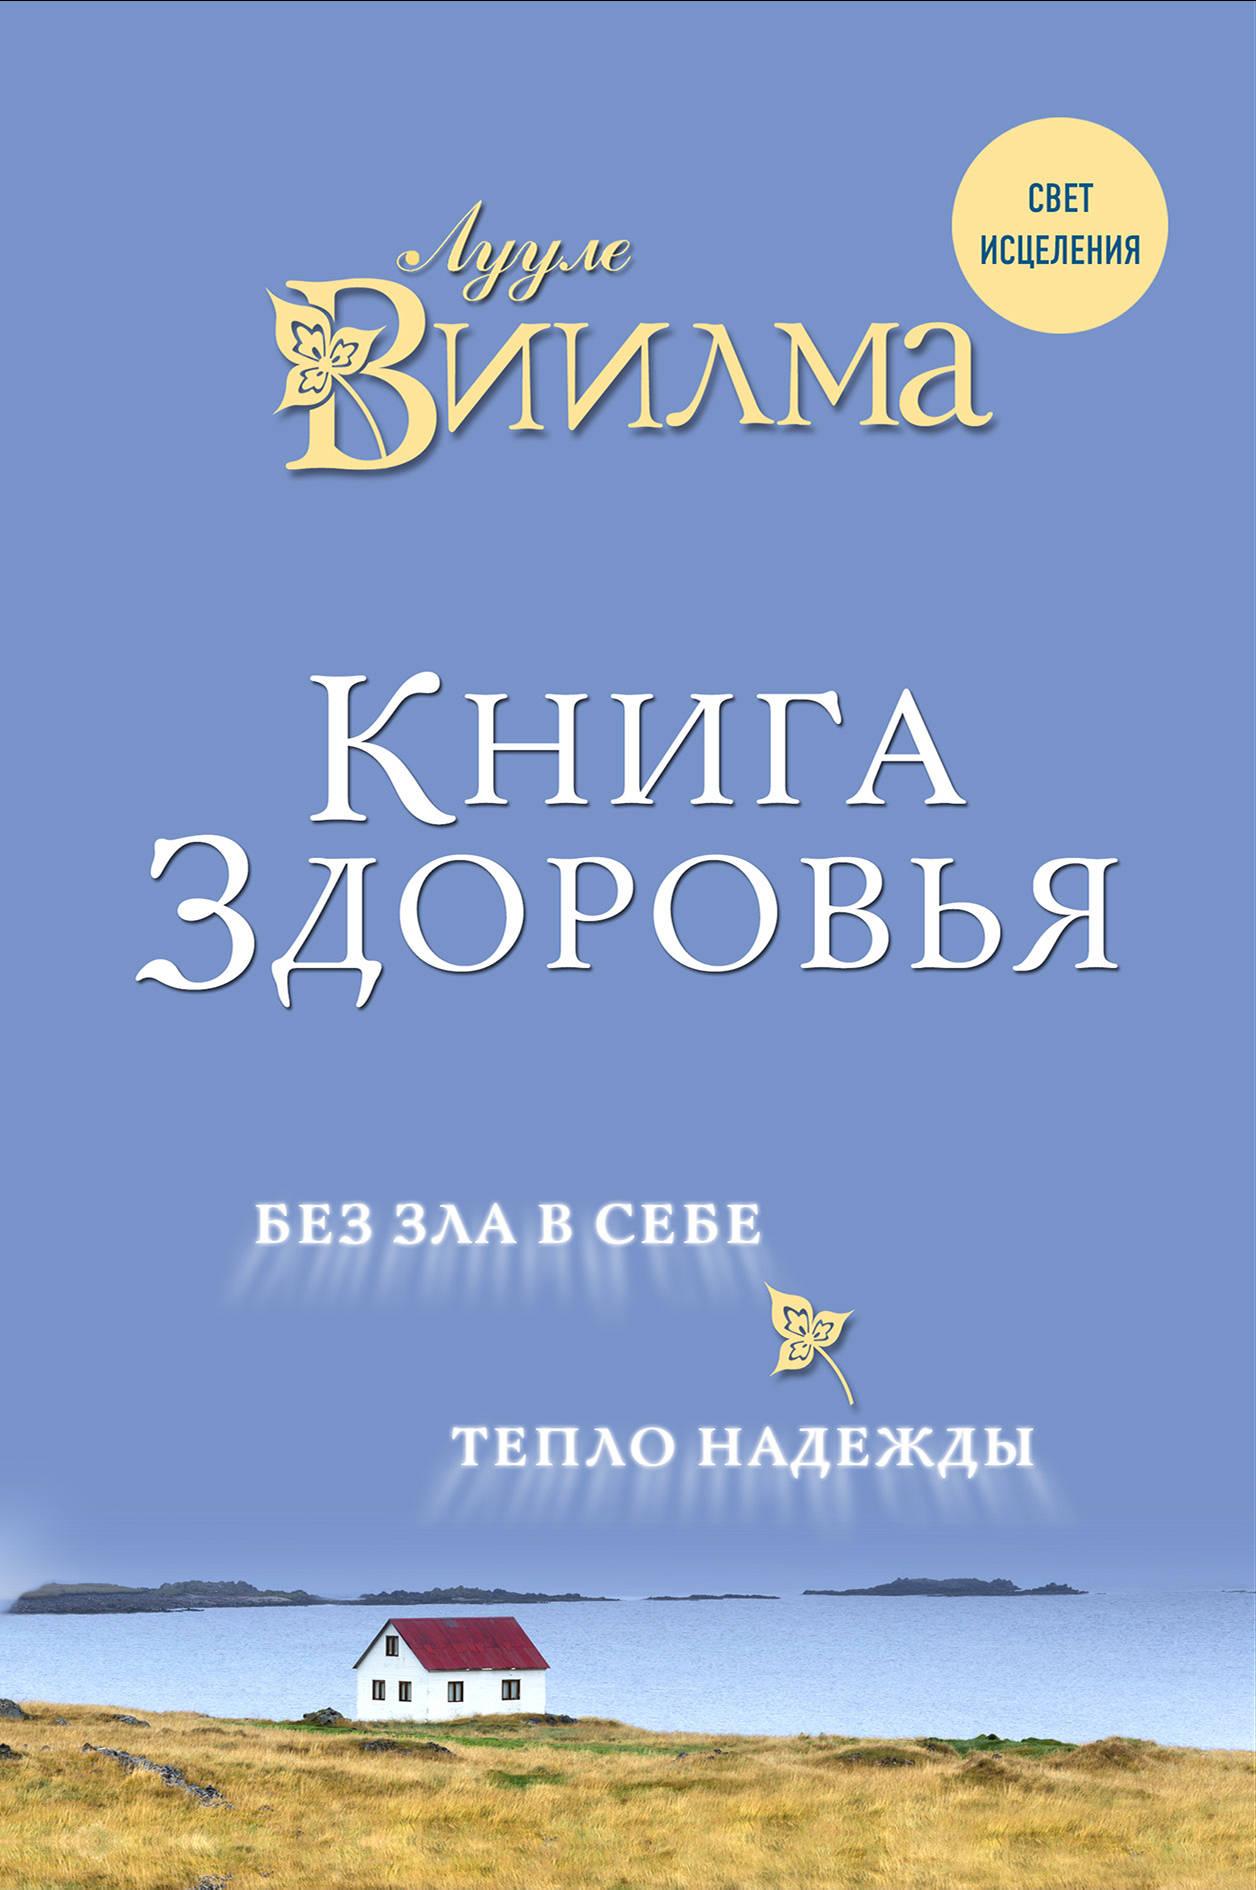 Книга здоровья. Без зла в себе. Тепло надежды. Лууле Виилма